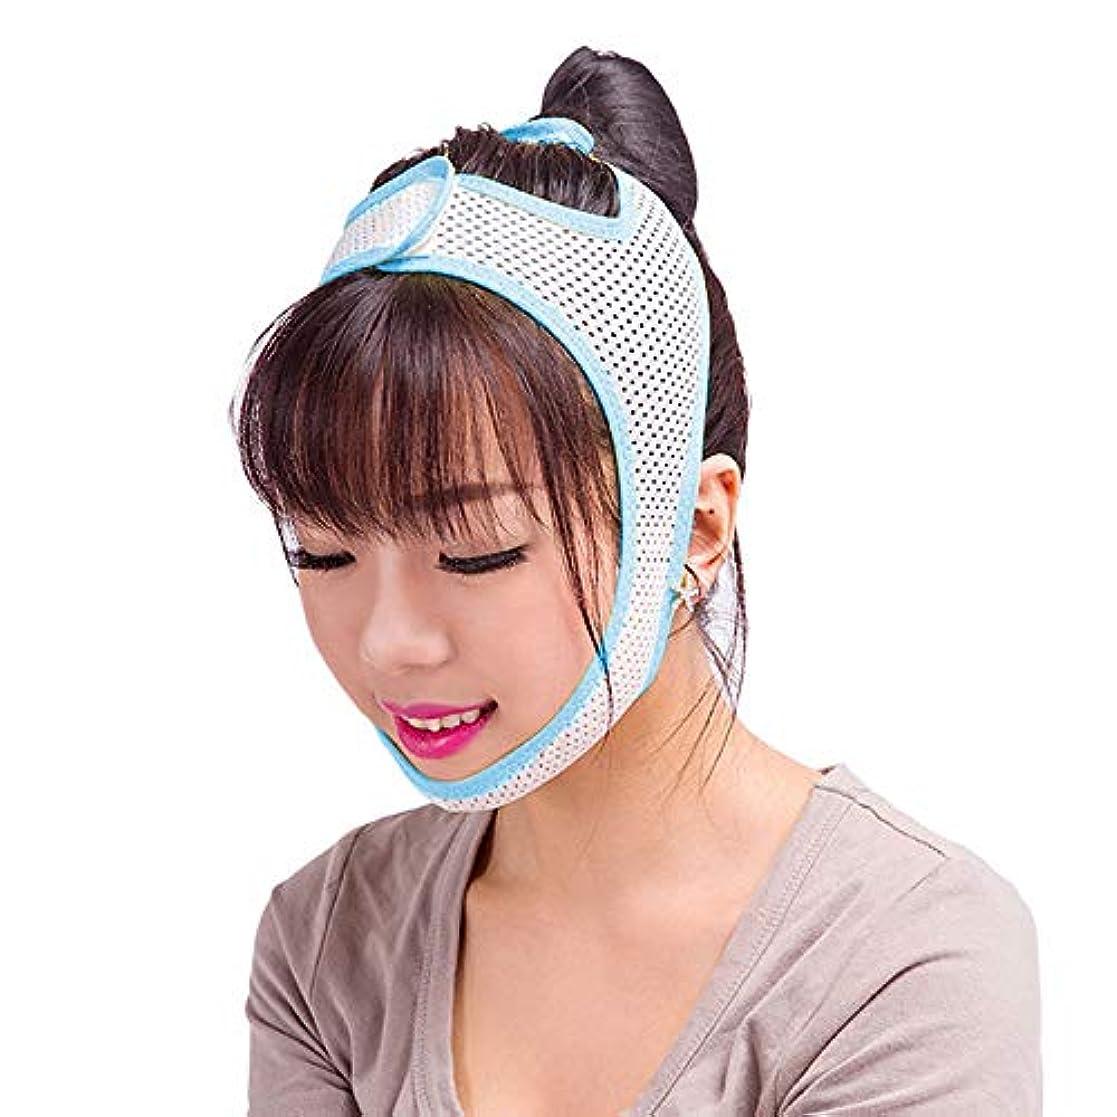 軸免除調整超薄型の フェイスリフト包帯、フェイスリフトマスク付き/プル二重あご咬合法則パターン(青と白),M